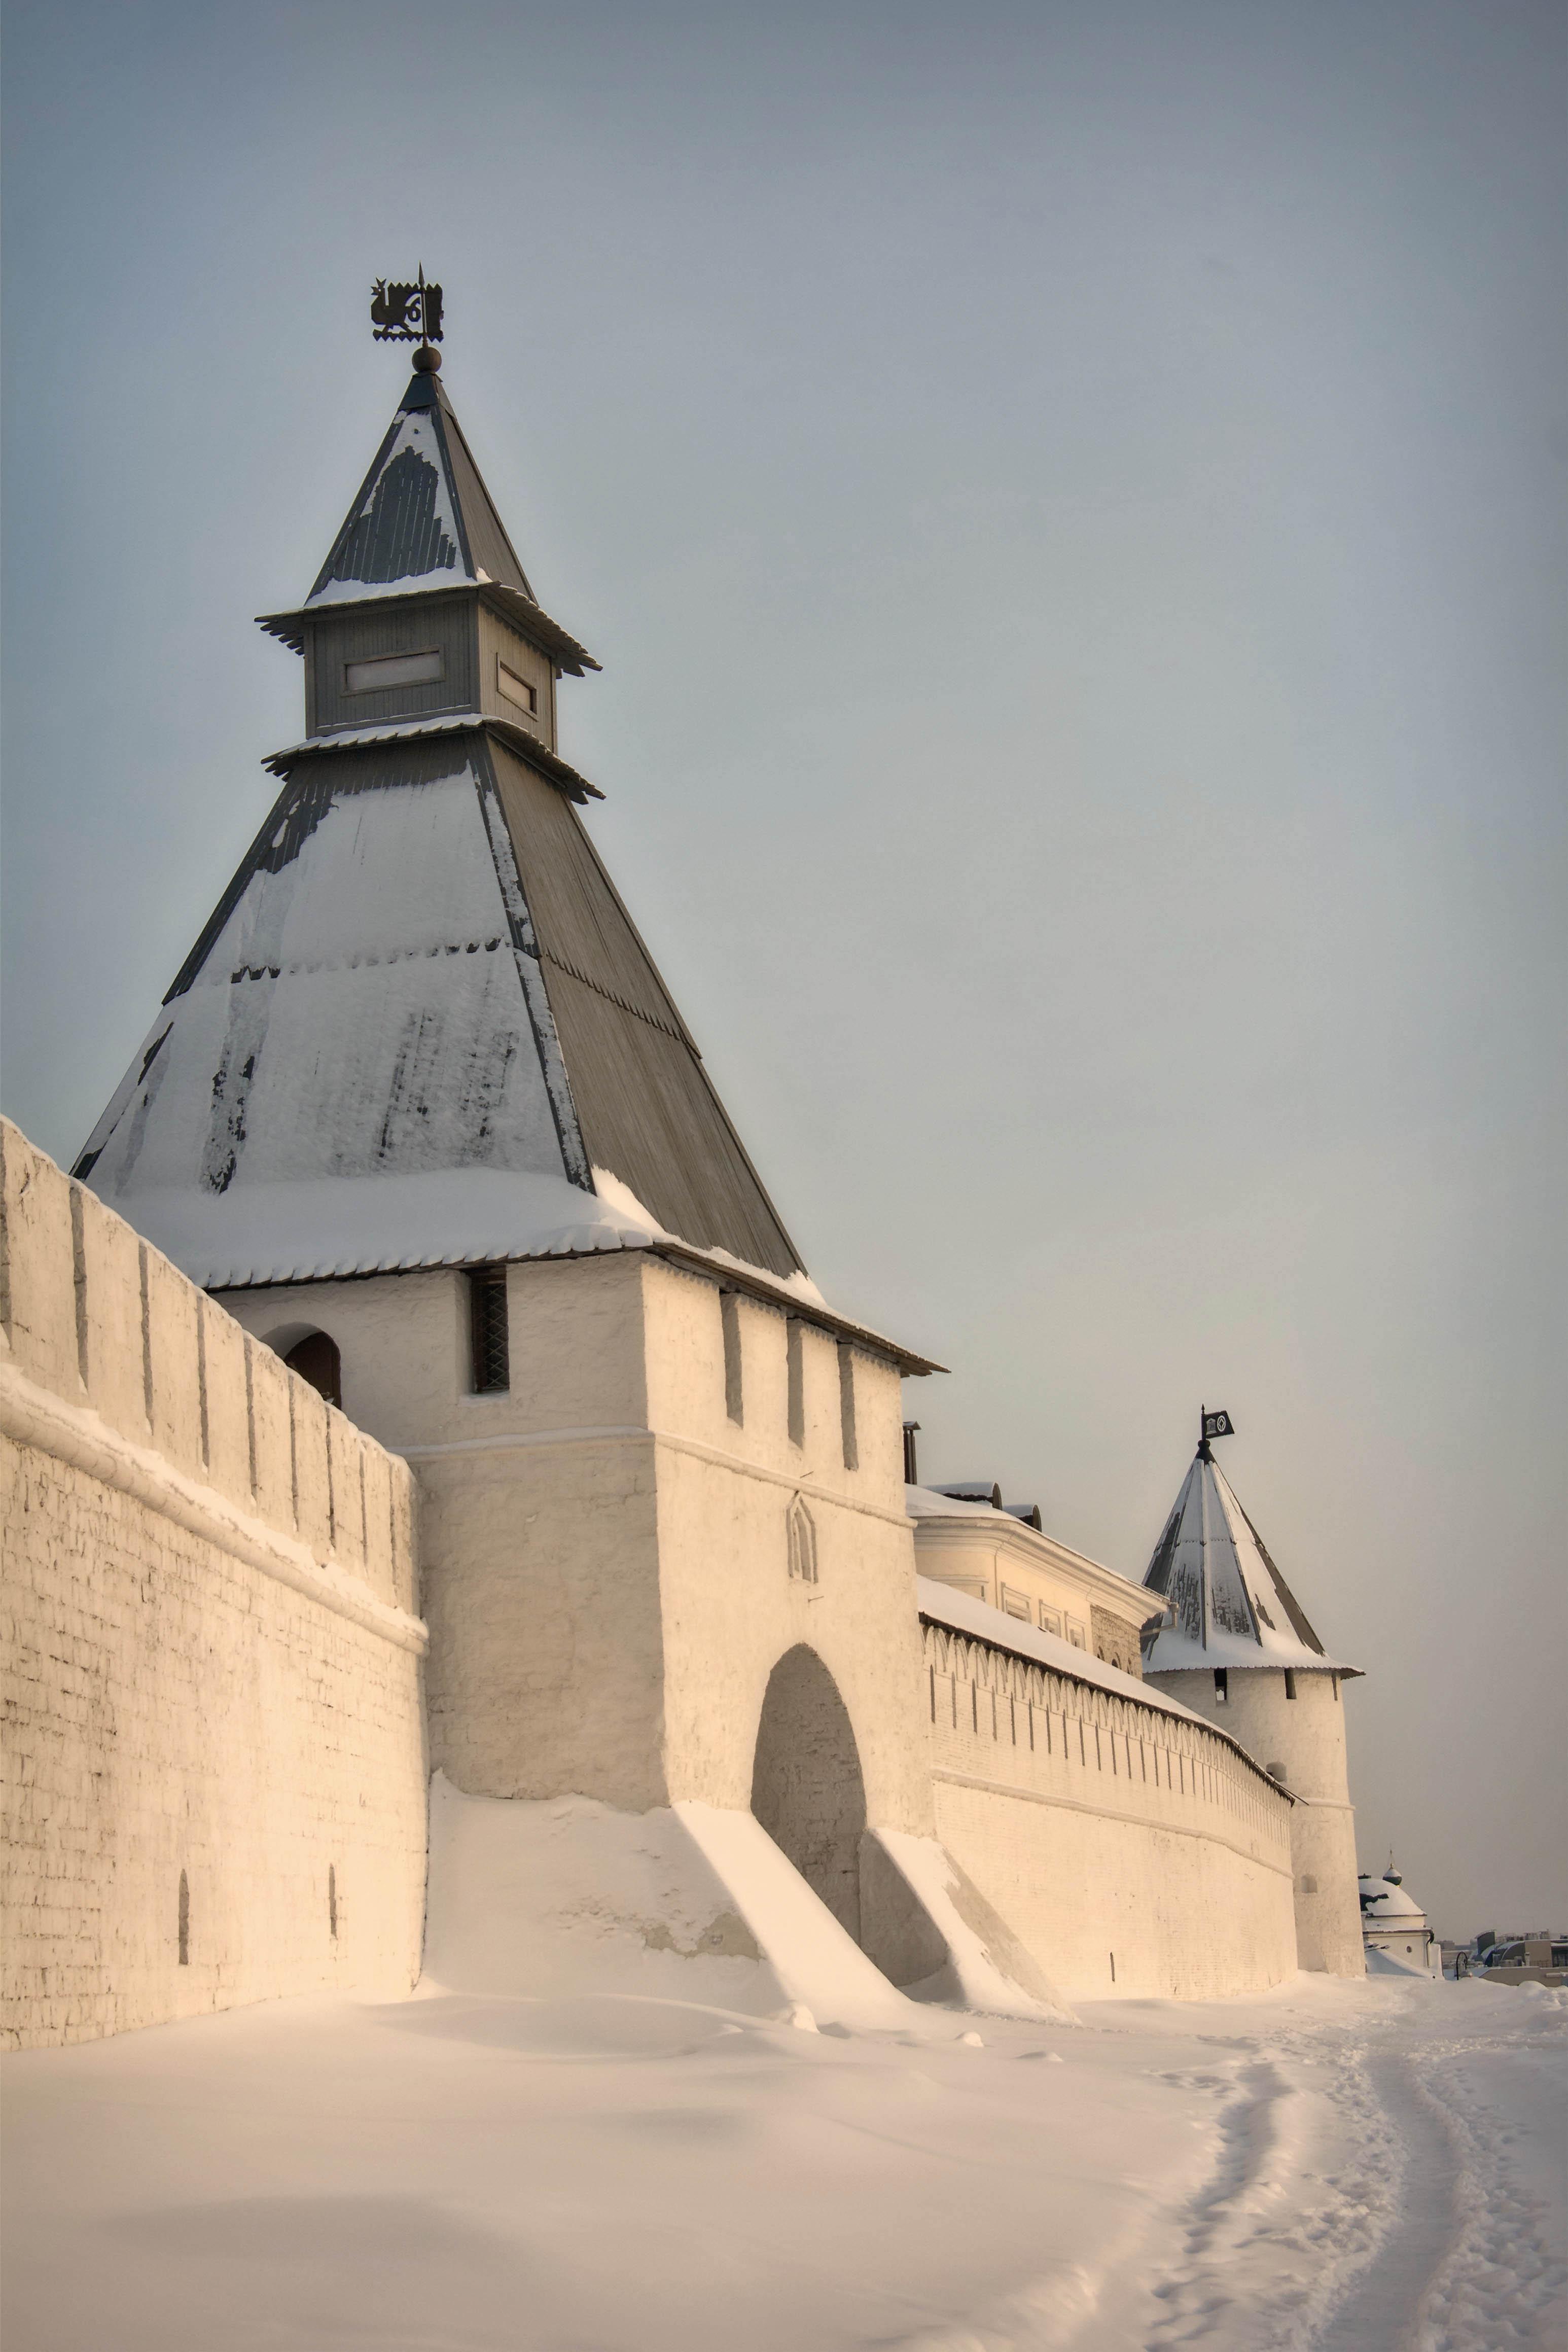 преображенская башня казанского кремля, Казань